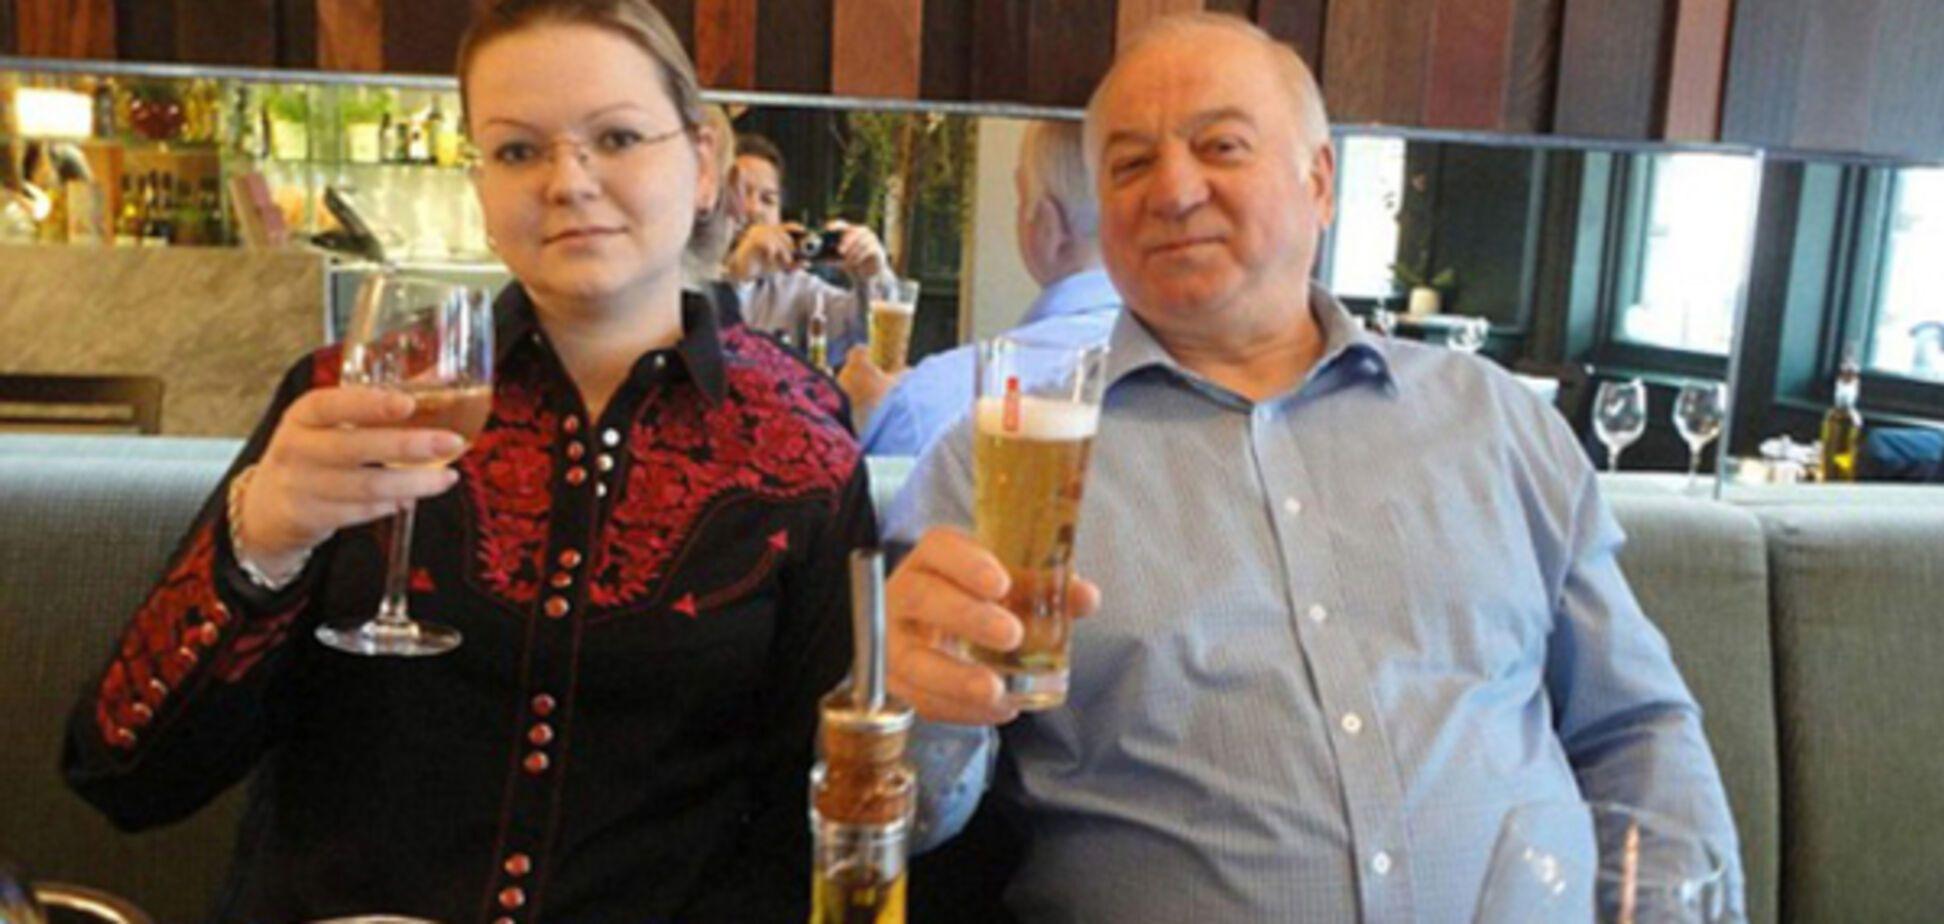 Отравление Скрипалей: в Скотланд-Ярде восстановили поминутную хронологию событий